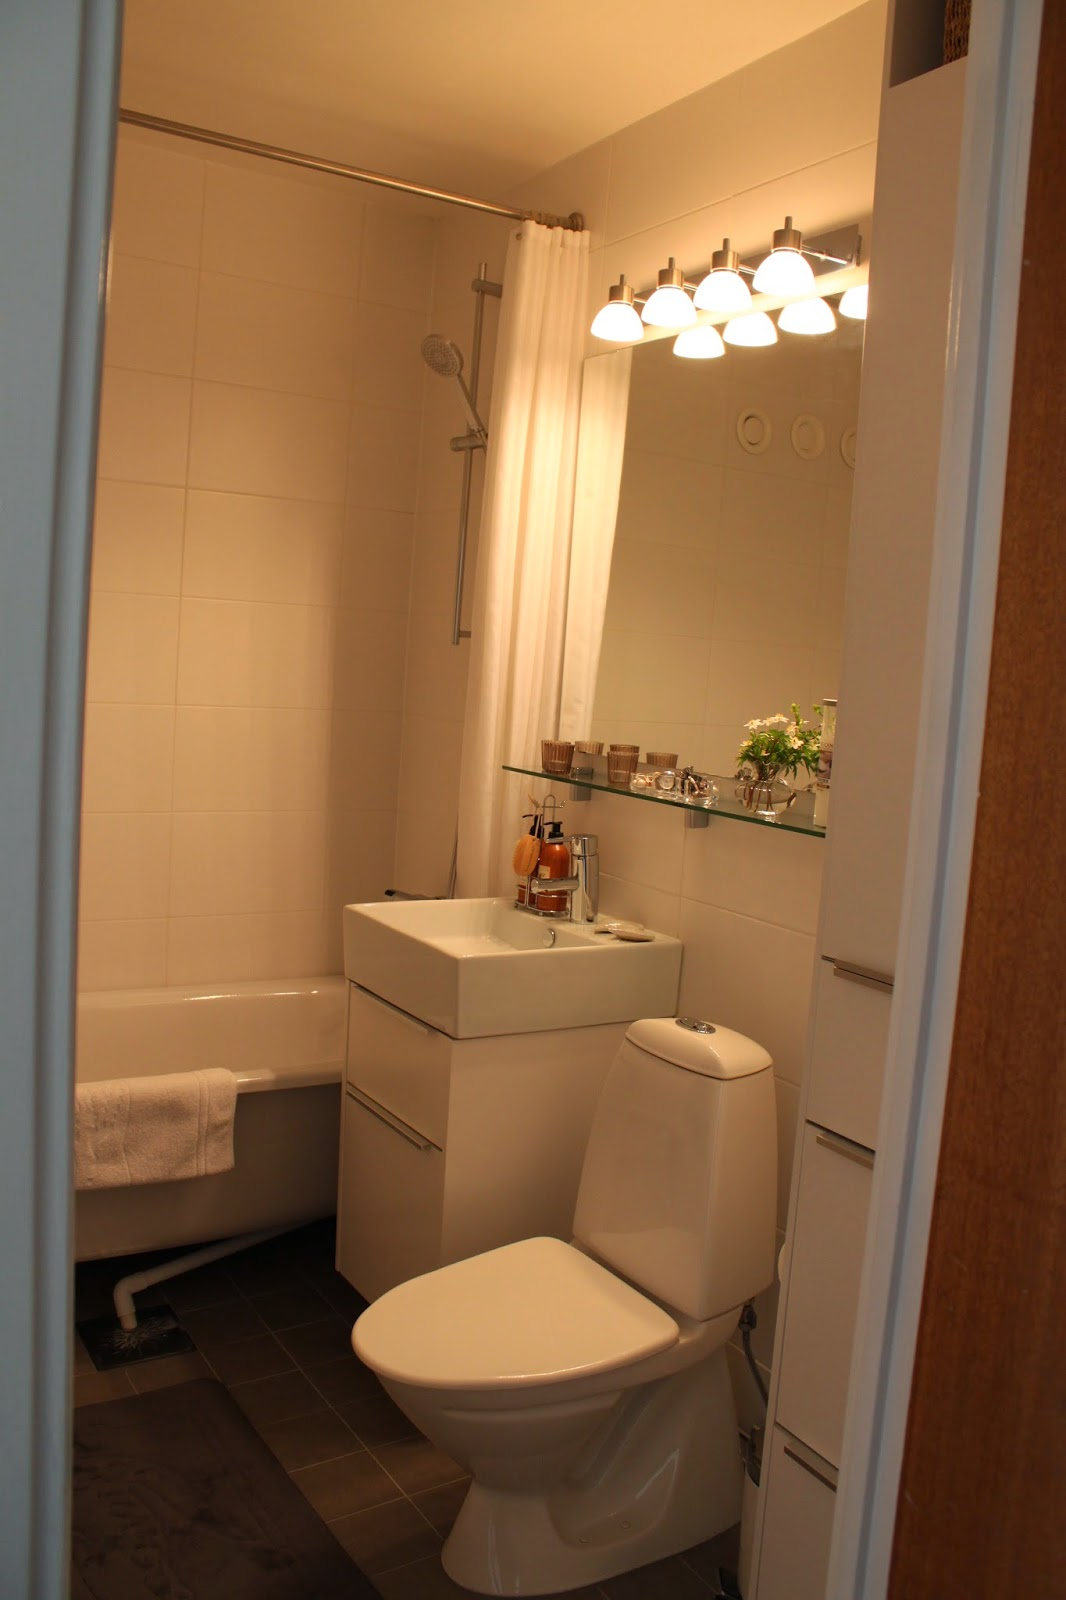 Släng dig i väggen, Ernst! Mitt renoverade badrum